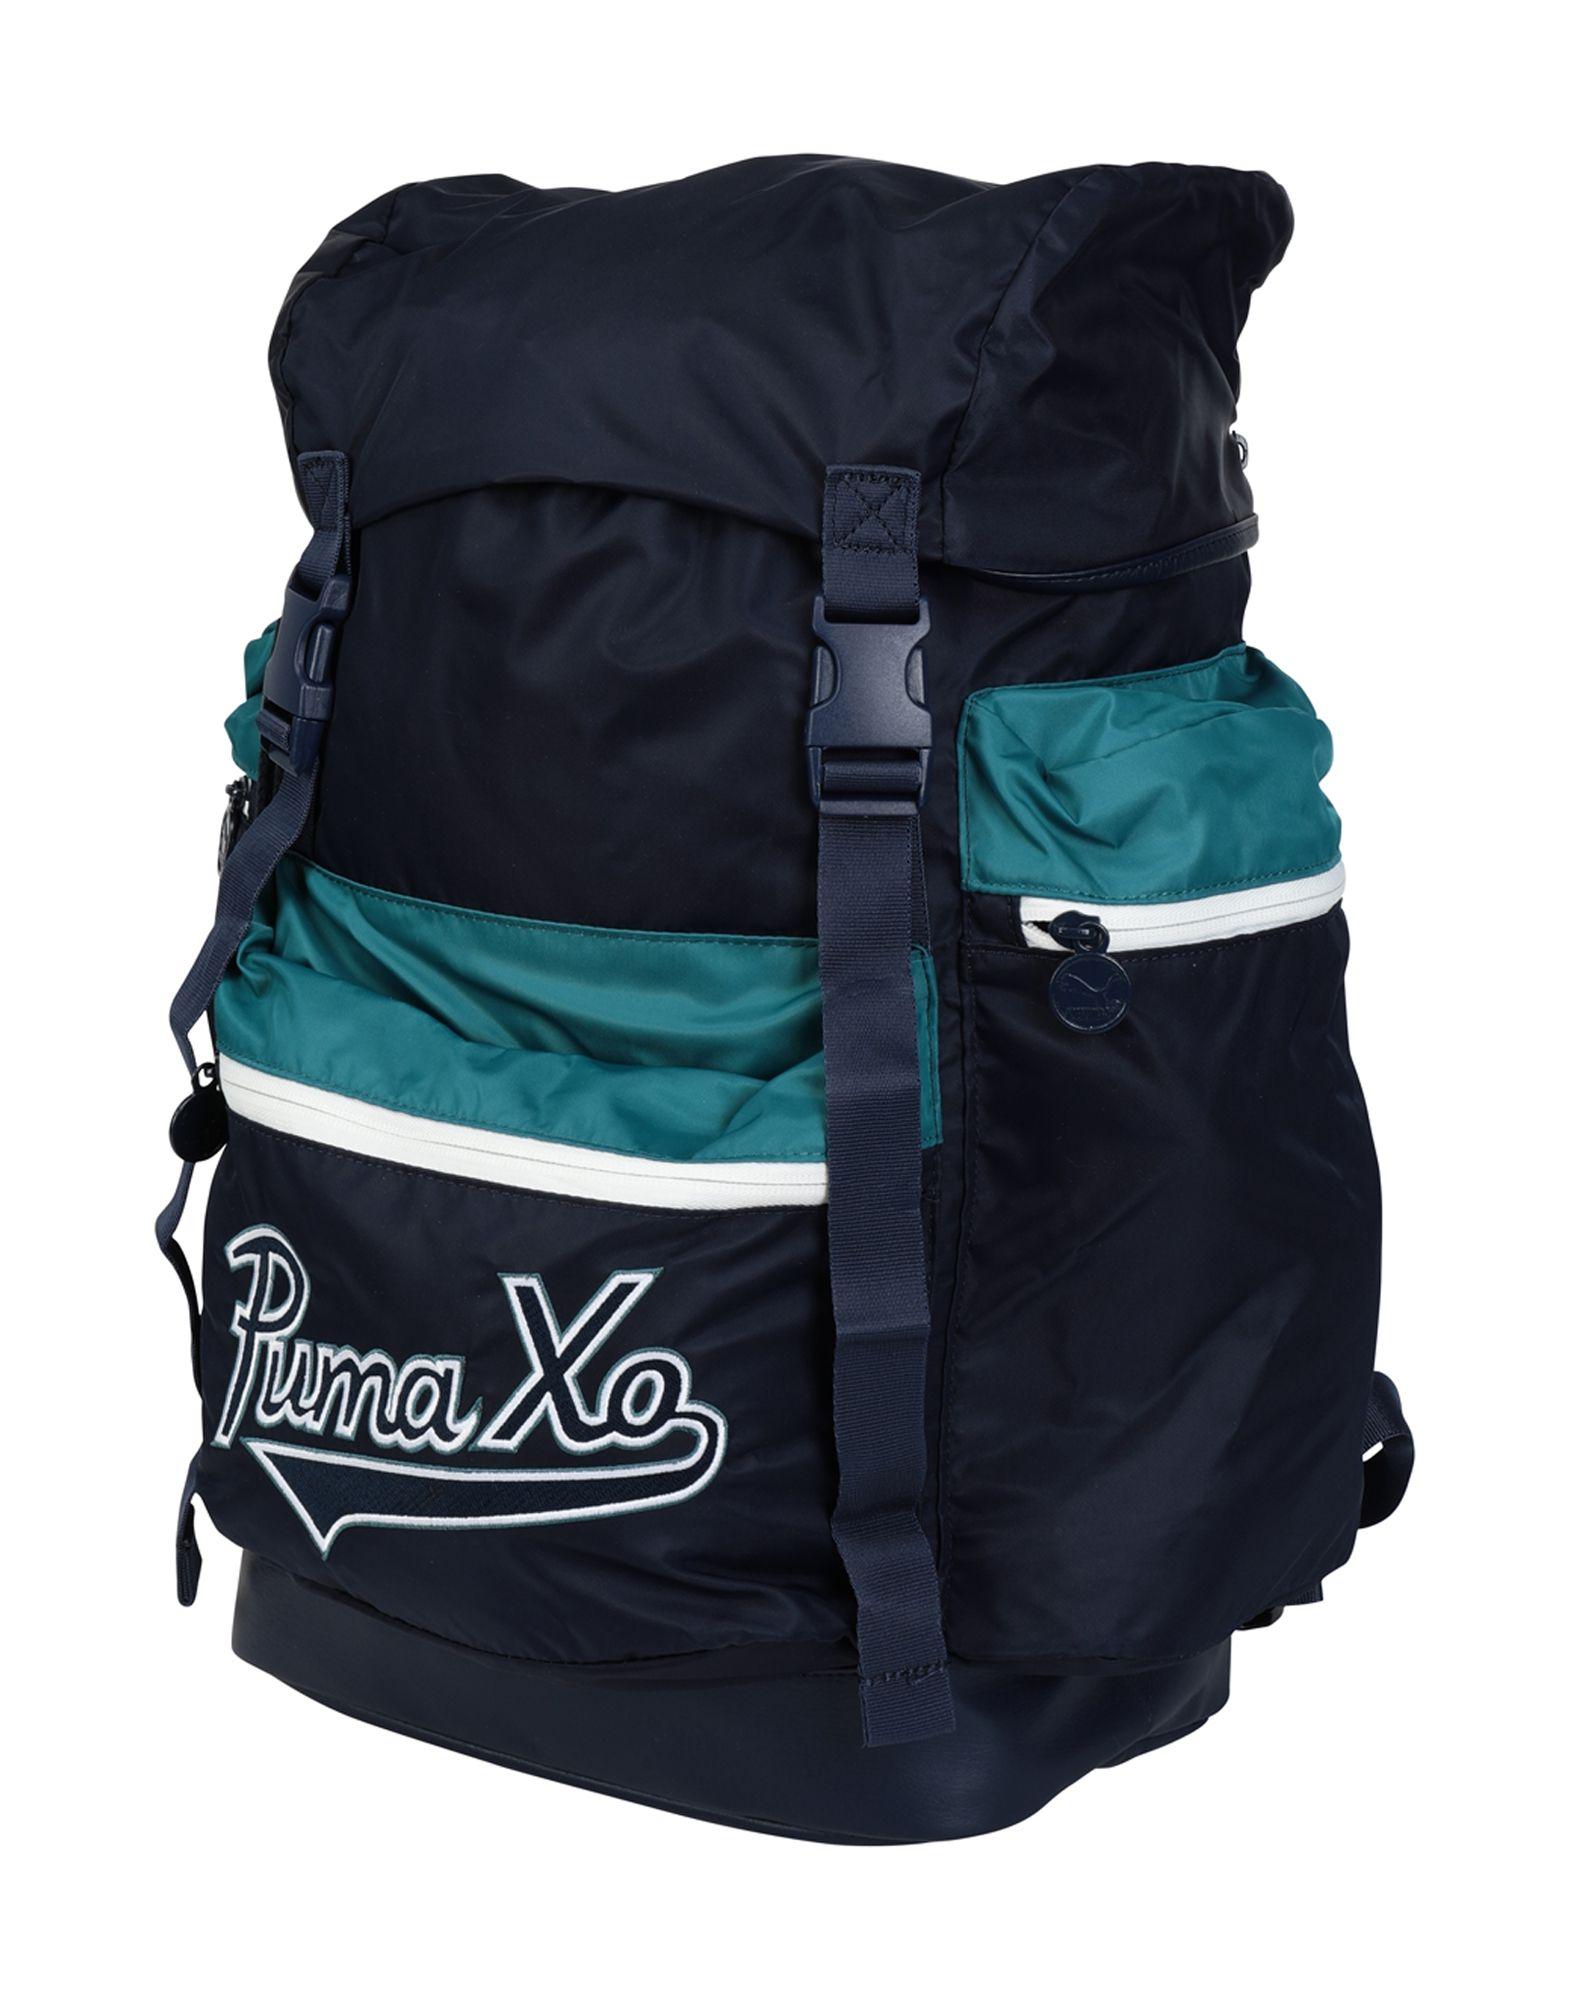 PUMA x XO Рюкзаки и сумки на пояс термос для еды с контейнерами tiger lwu a171 charcoal gray 0 61л 0 34л 0 27л палочки для еды в чехле регулируемый наплечный ремень